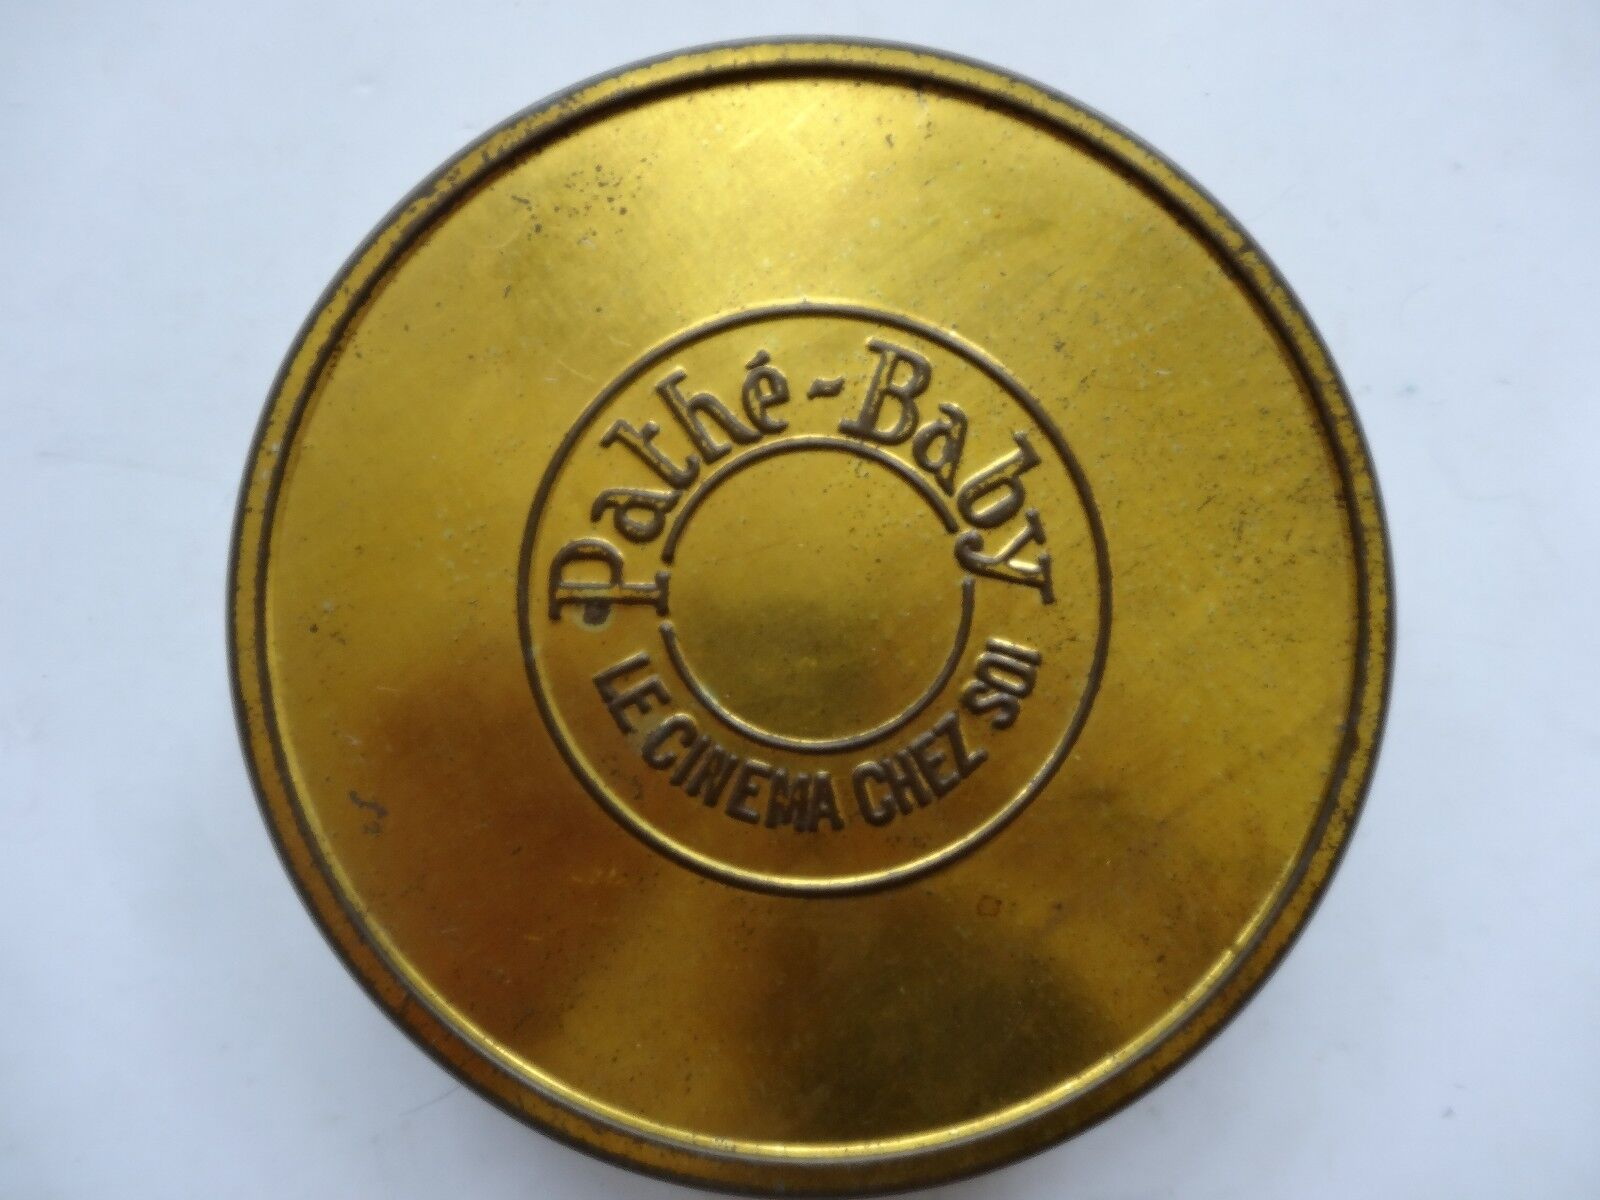 PATHE BABY 600000 FRANCS PAR MOIS CHARLES VANEL 3 BOBINES 1925 9.5MM